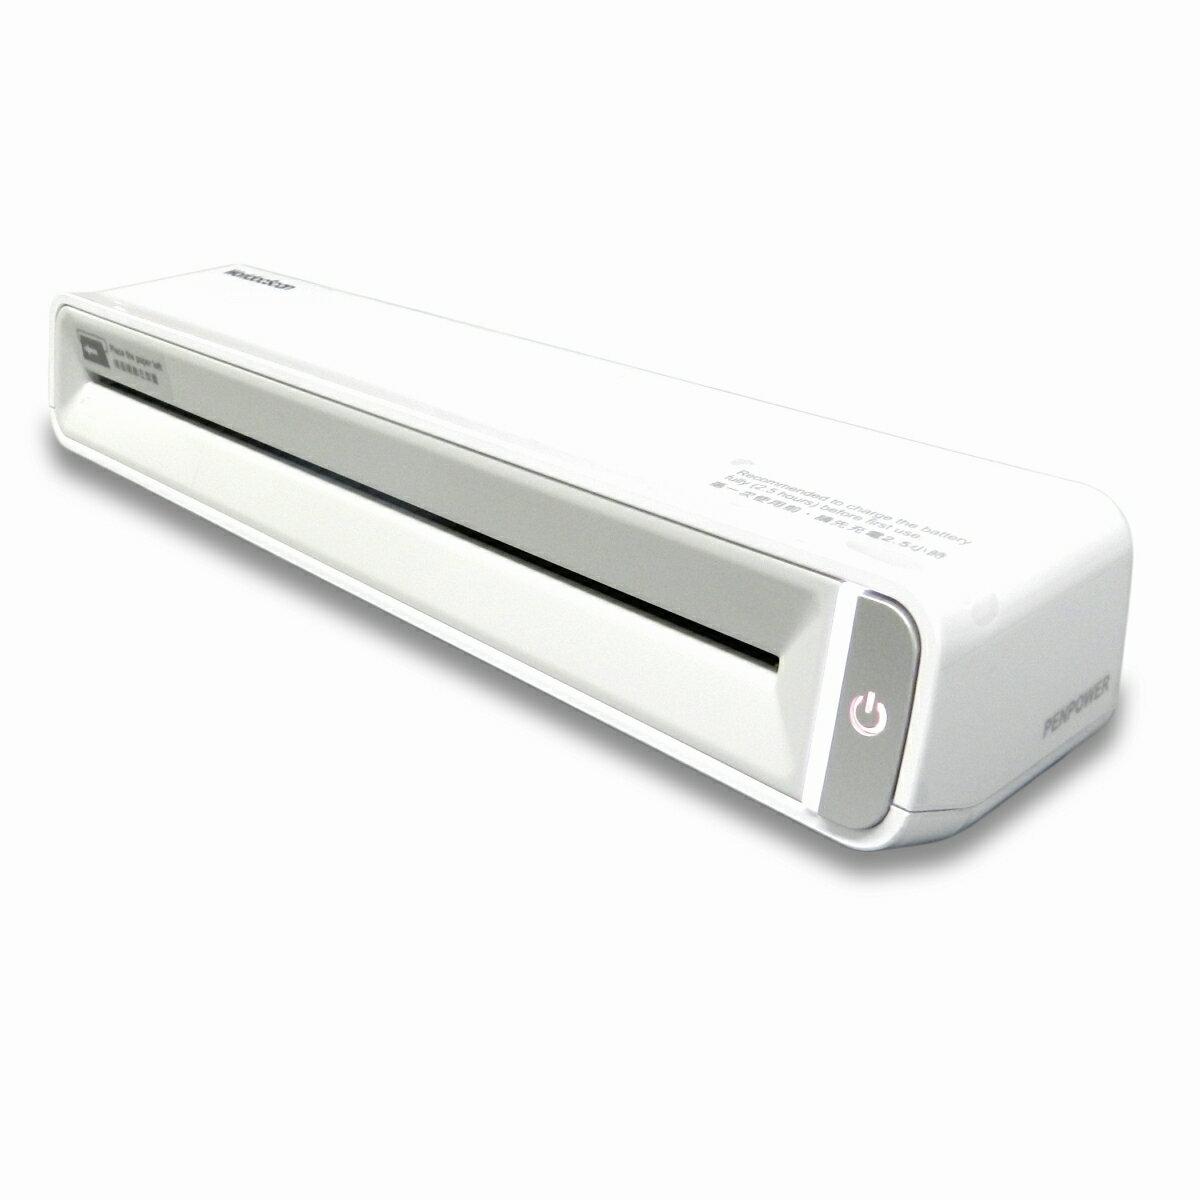 NEXX(ネックス) WorldocScan Pro(ワールドドックスキャンプロ) NX500